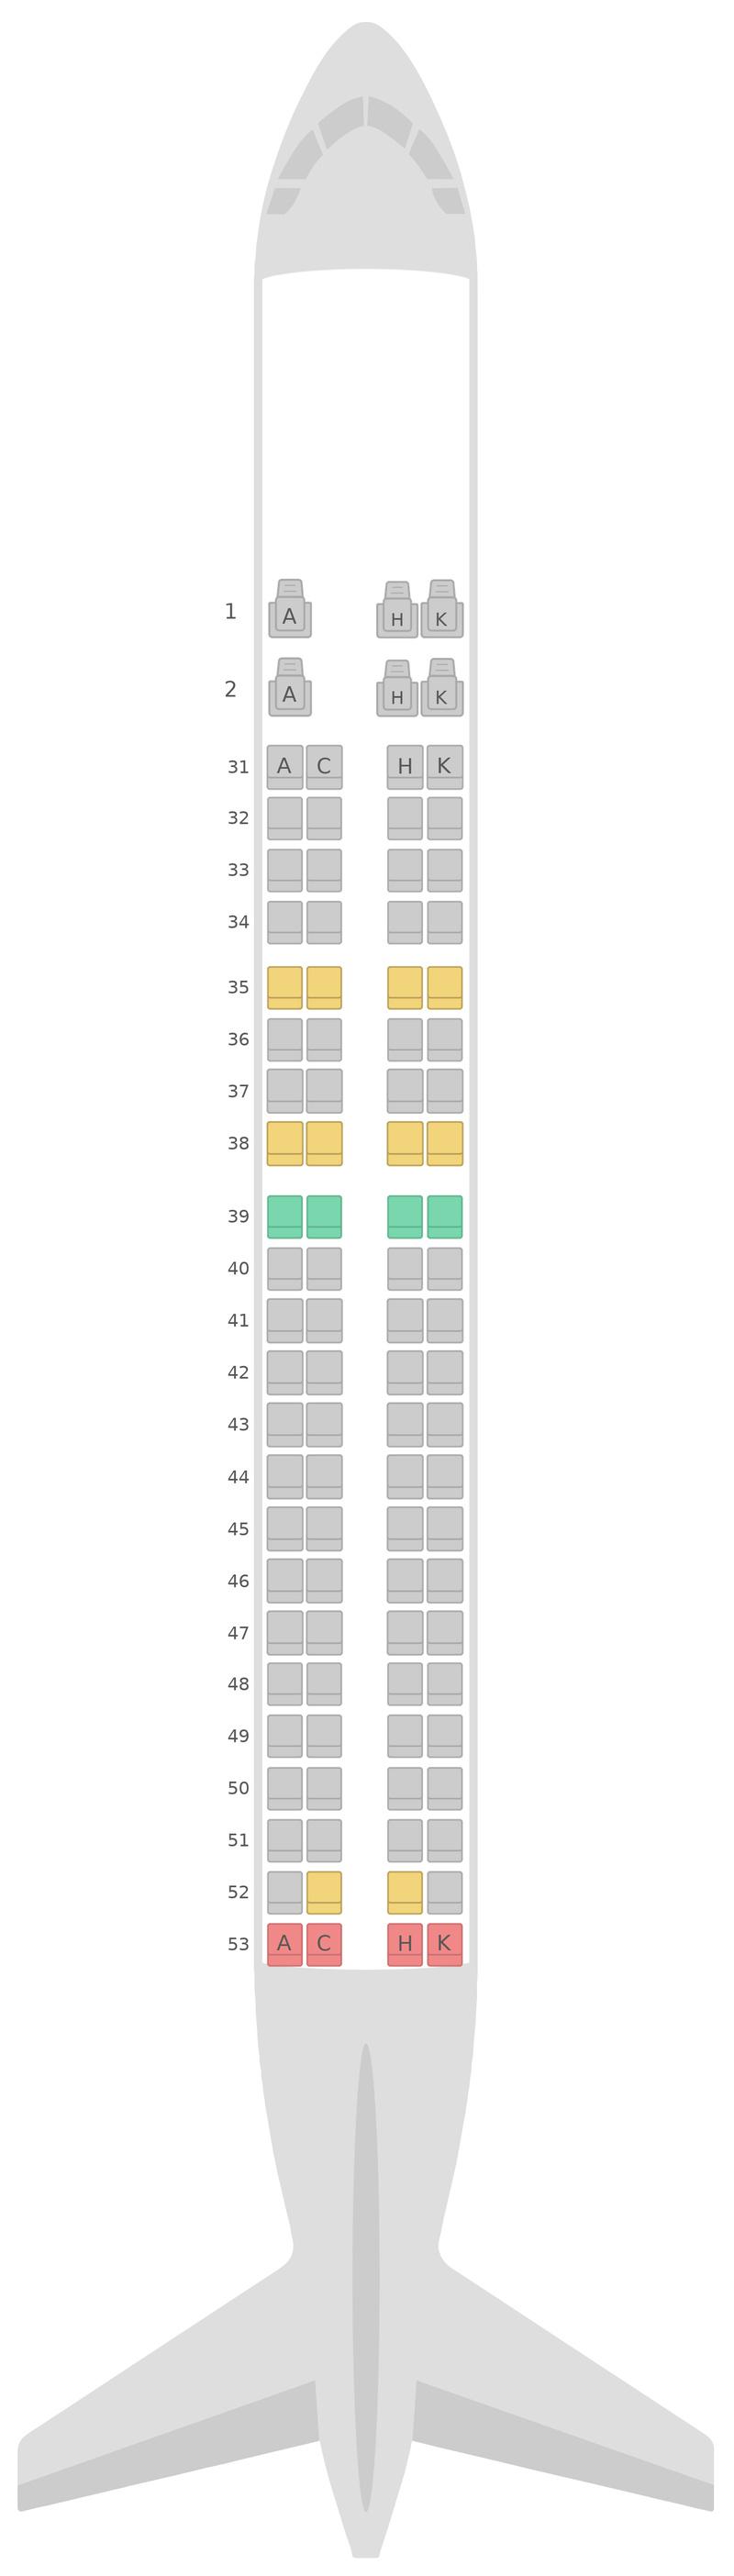 Mapa de asientos Embraer E190 (E90) China Southern Airlines